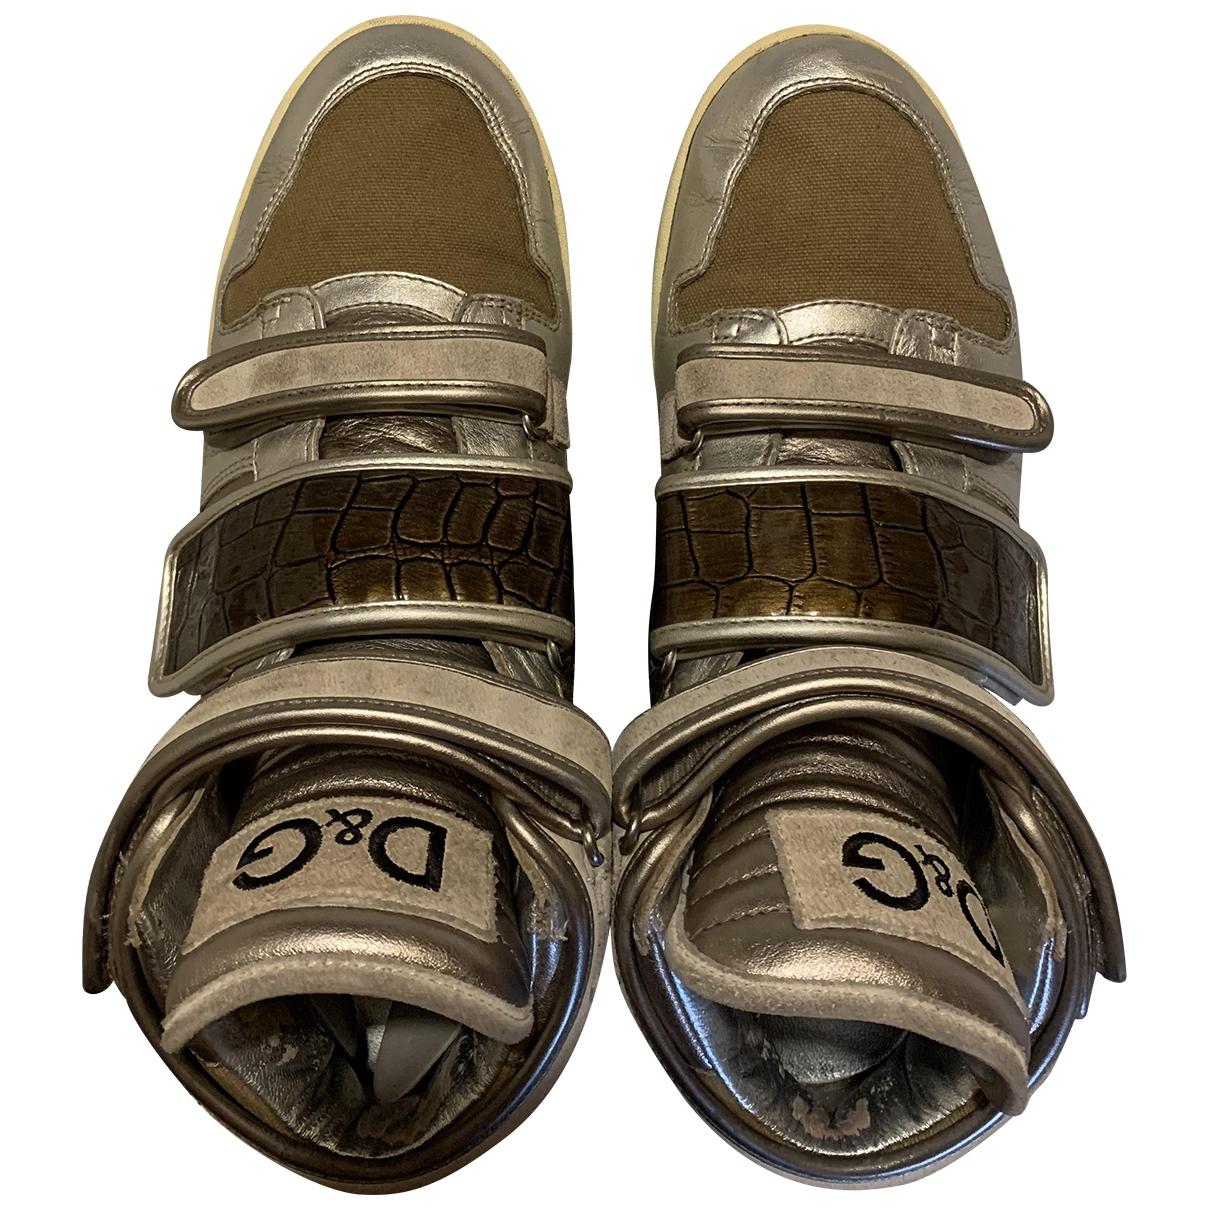 D&g \N Sneakers in  Beige Leder